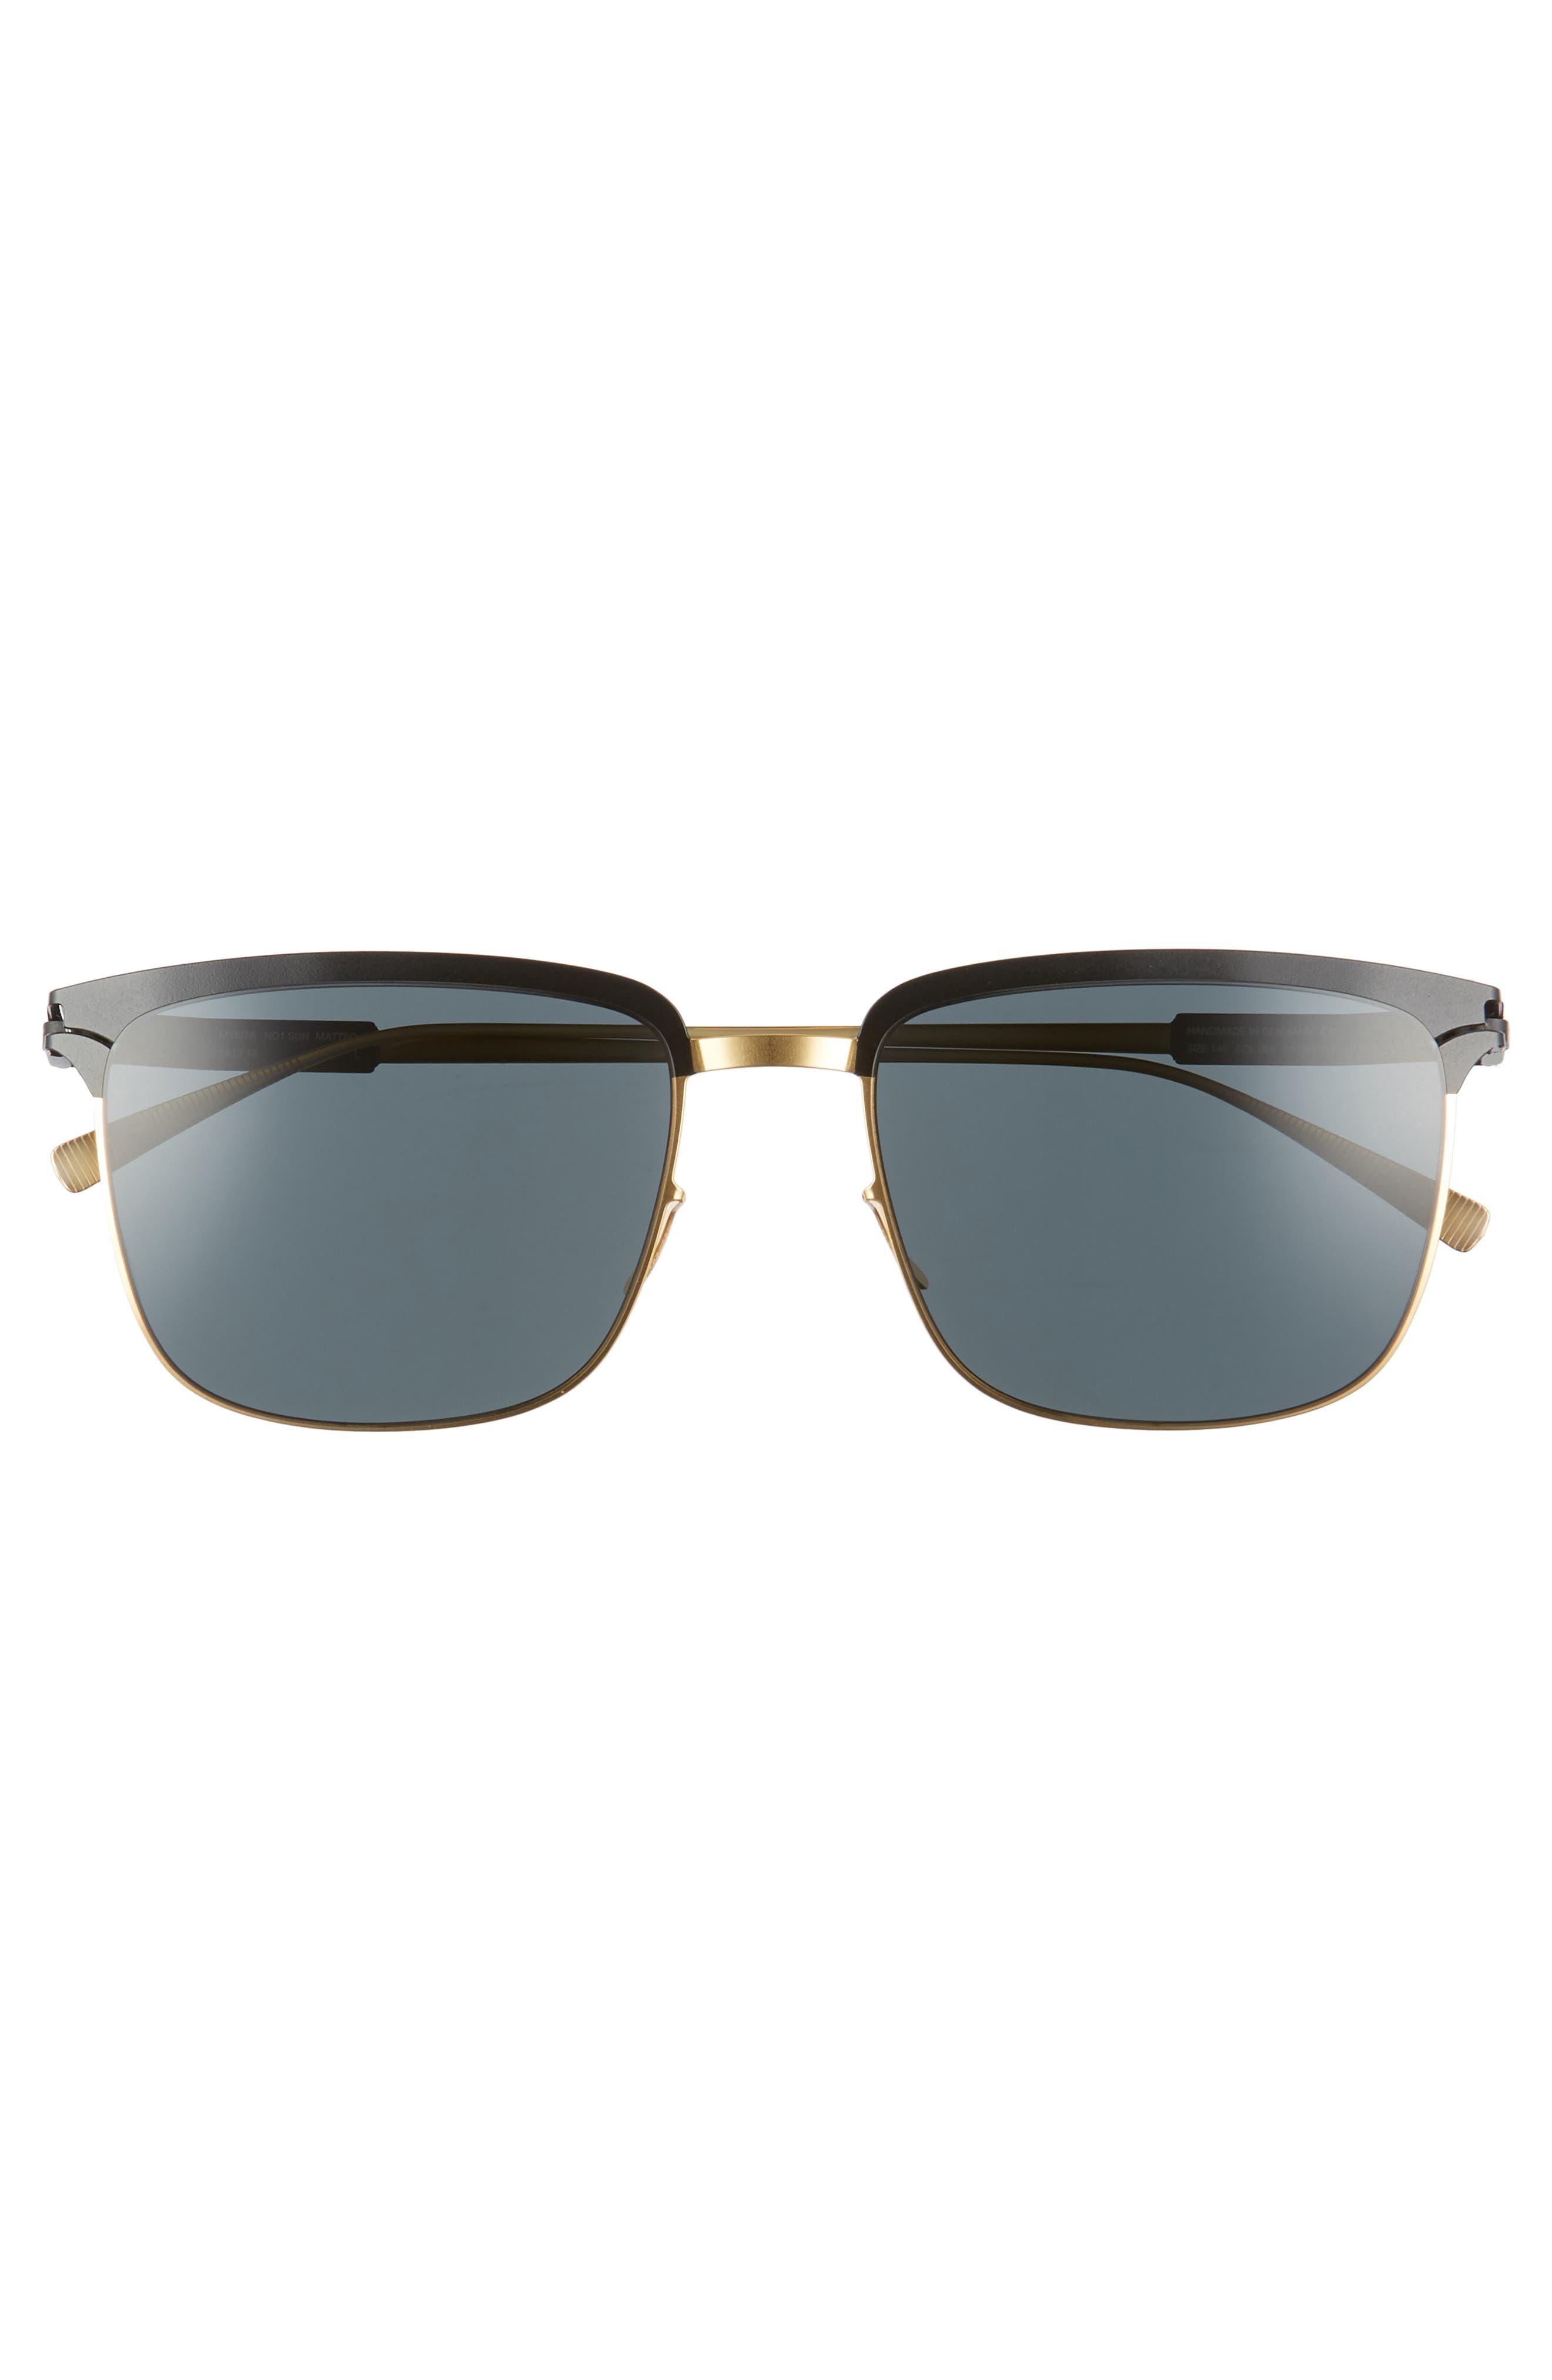 Matteo 54mm Polarized Sunglasses,                             Alternate thumbnail 2, color,                             Gold/ Black